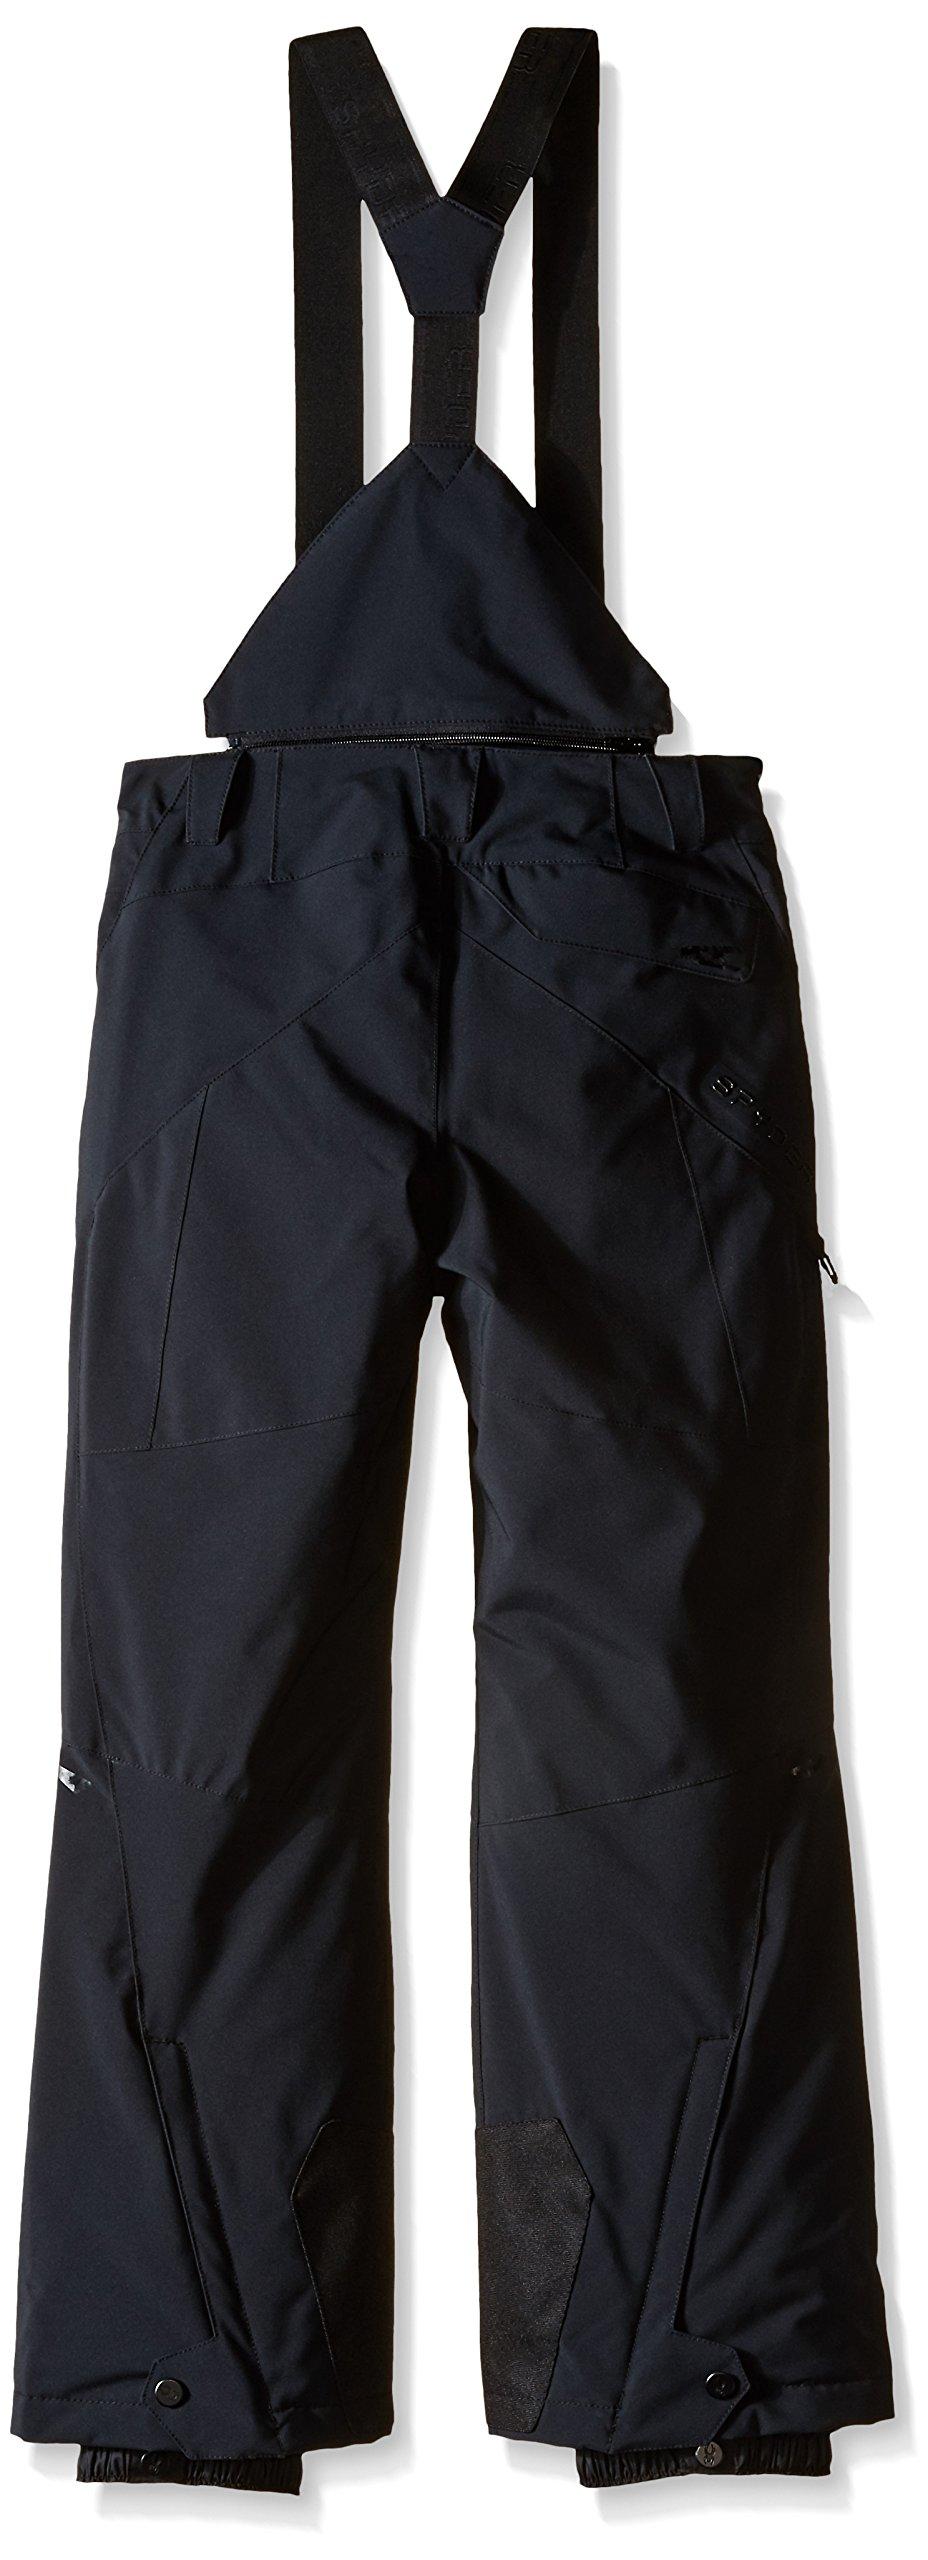 Spyder Boys Bormio Pant, 16, Black by Spyder (Image #2)